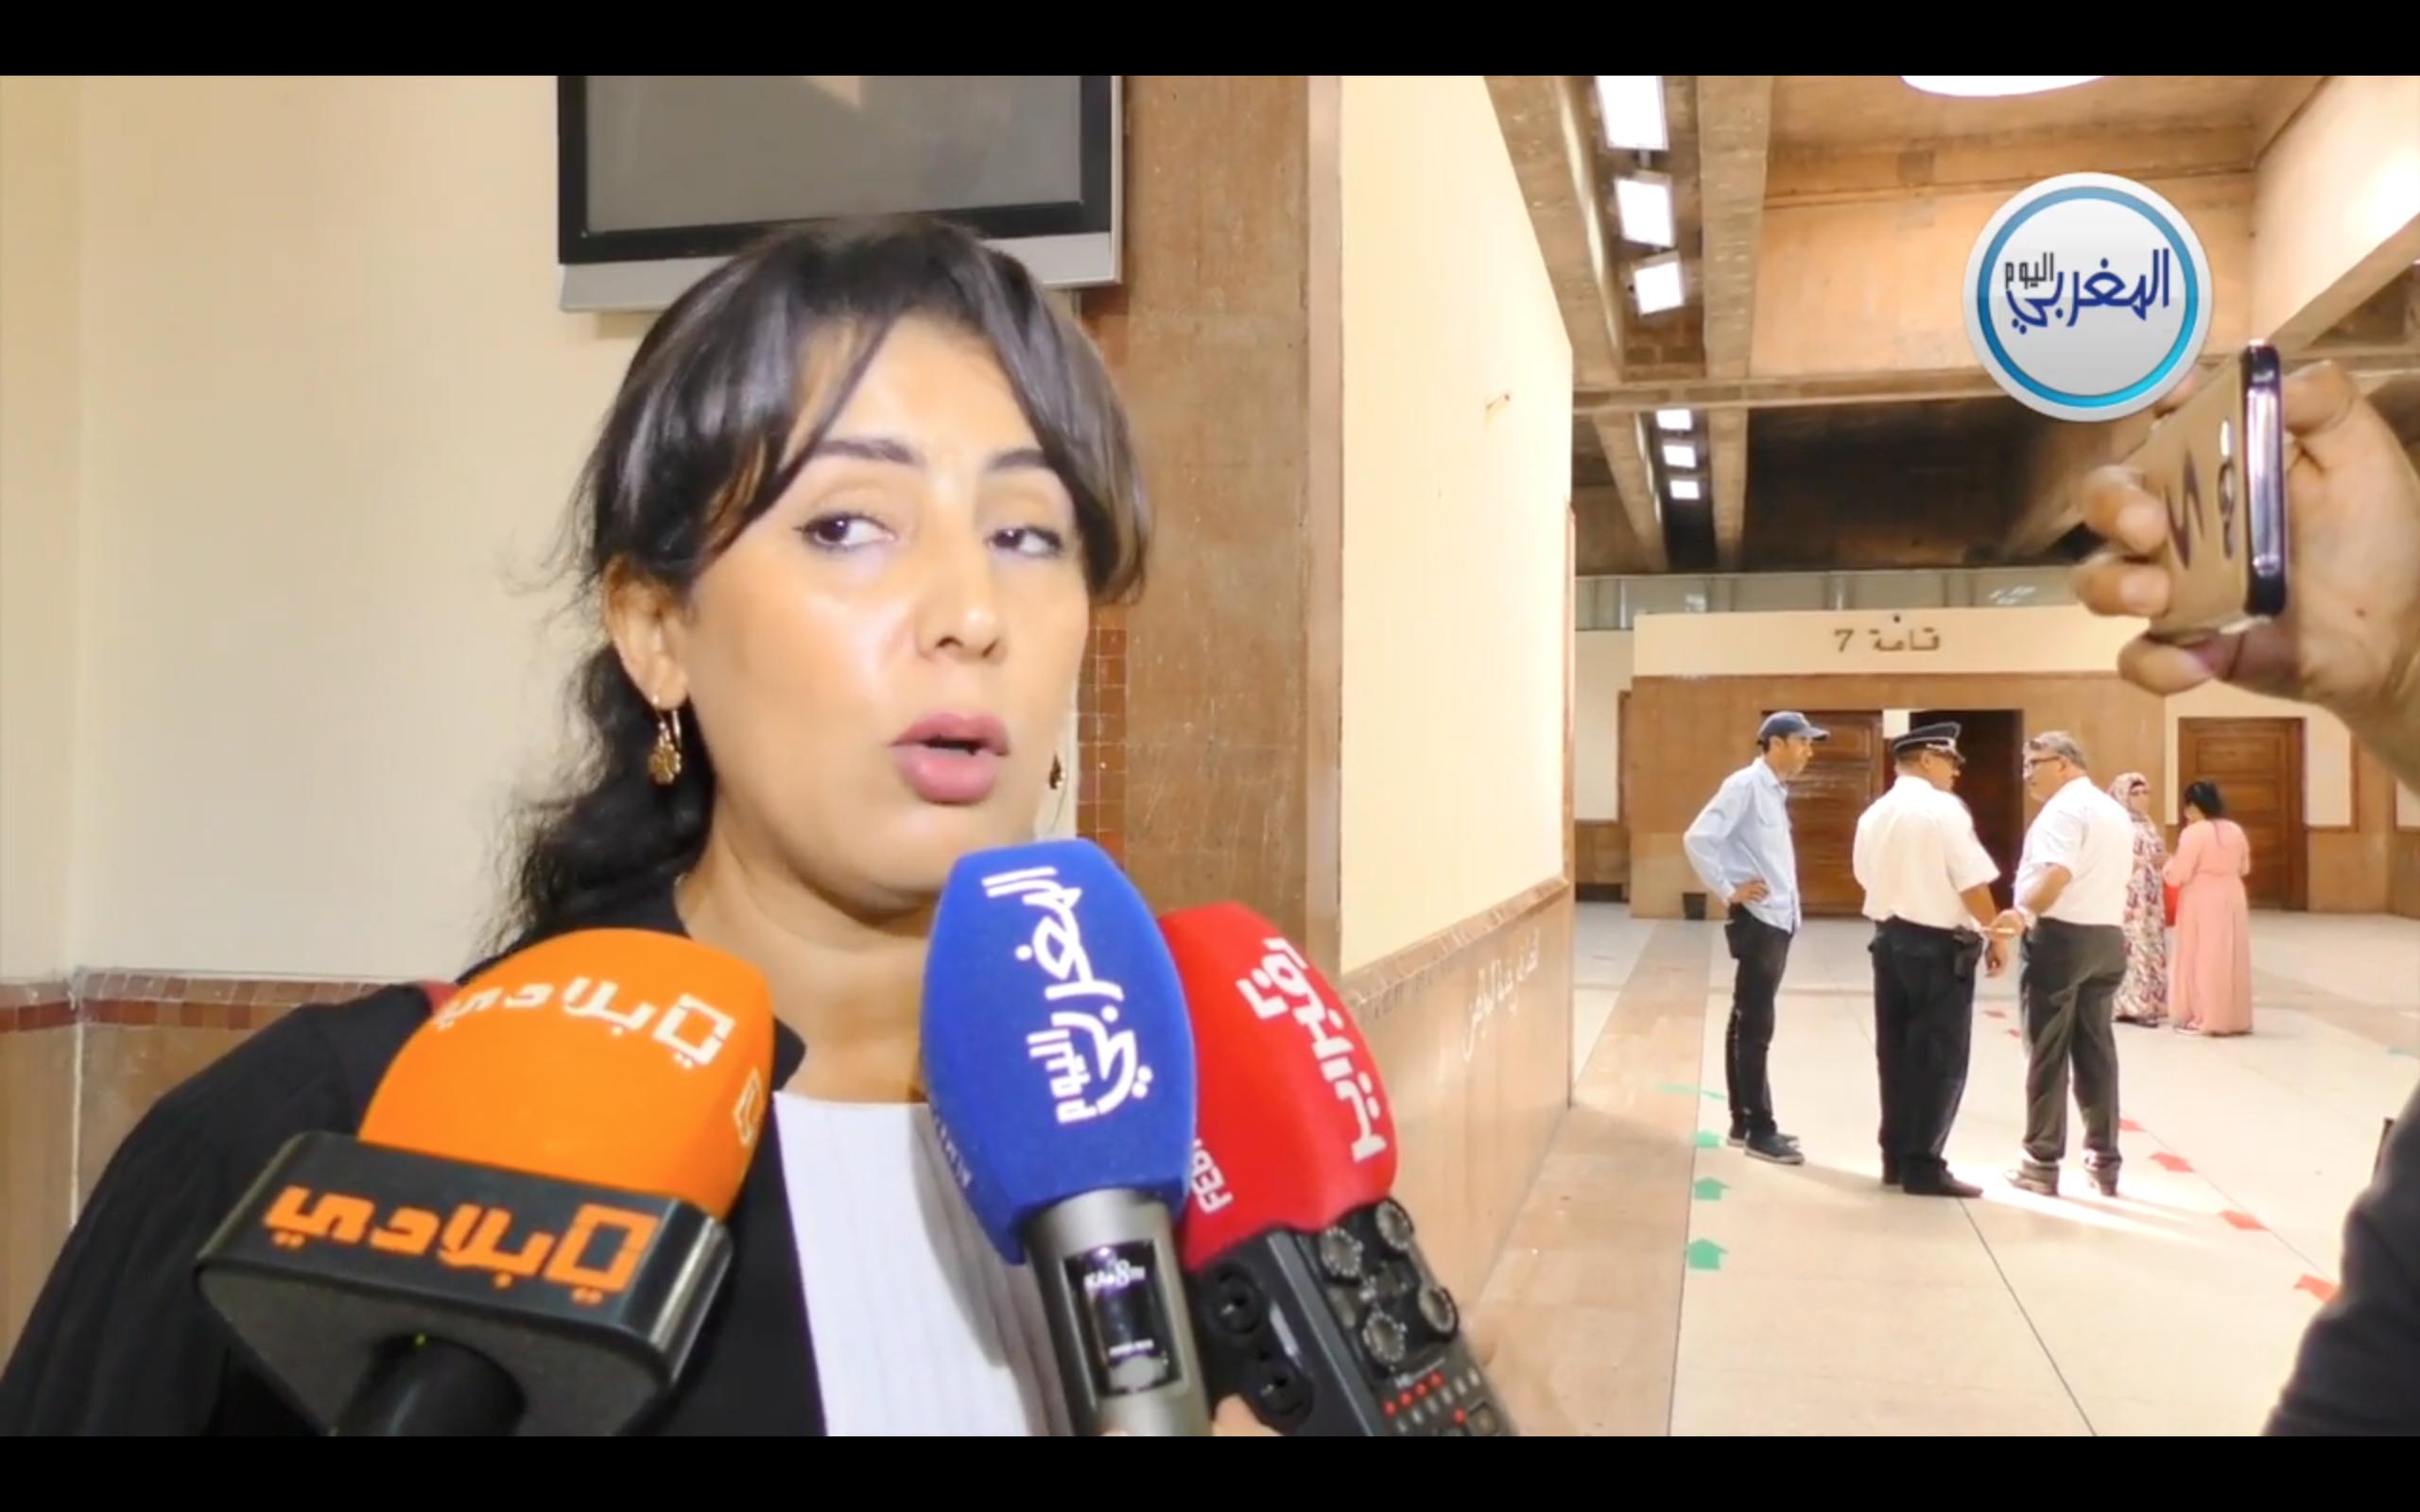 بالفيديو… المحامية الإدريسي: الخبرة القضائية ستكشف الكثير من جوانب ملف بوعشرين